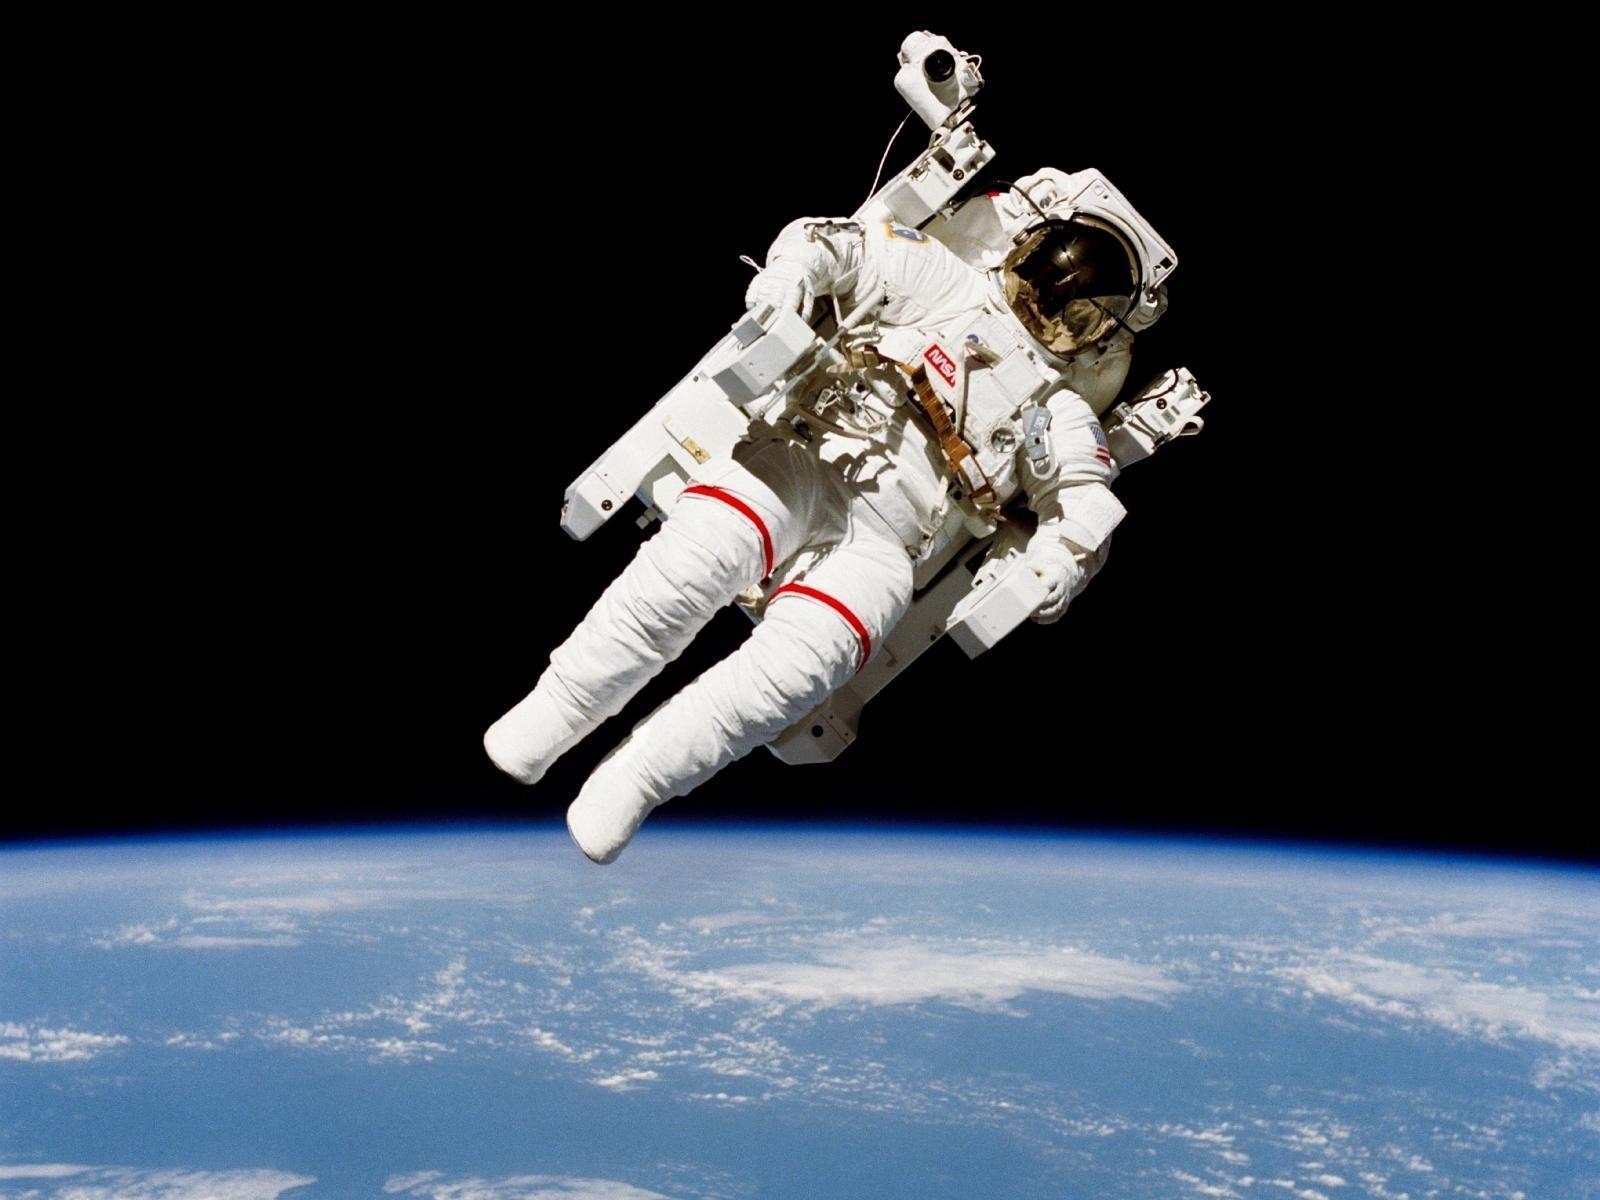 28.jan.2015 - O astronauta Bruce McCandless II, faz caminhada histórica durante a missão STS 41-B. Esta caminhada foi a primeira com equipamento sem estar ligado à nave-mãe, em fevereiro de 1984. O astronauta foi fotografado a poucos metros de distância da cabine do ônibus espacial Challenger.